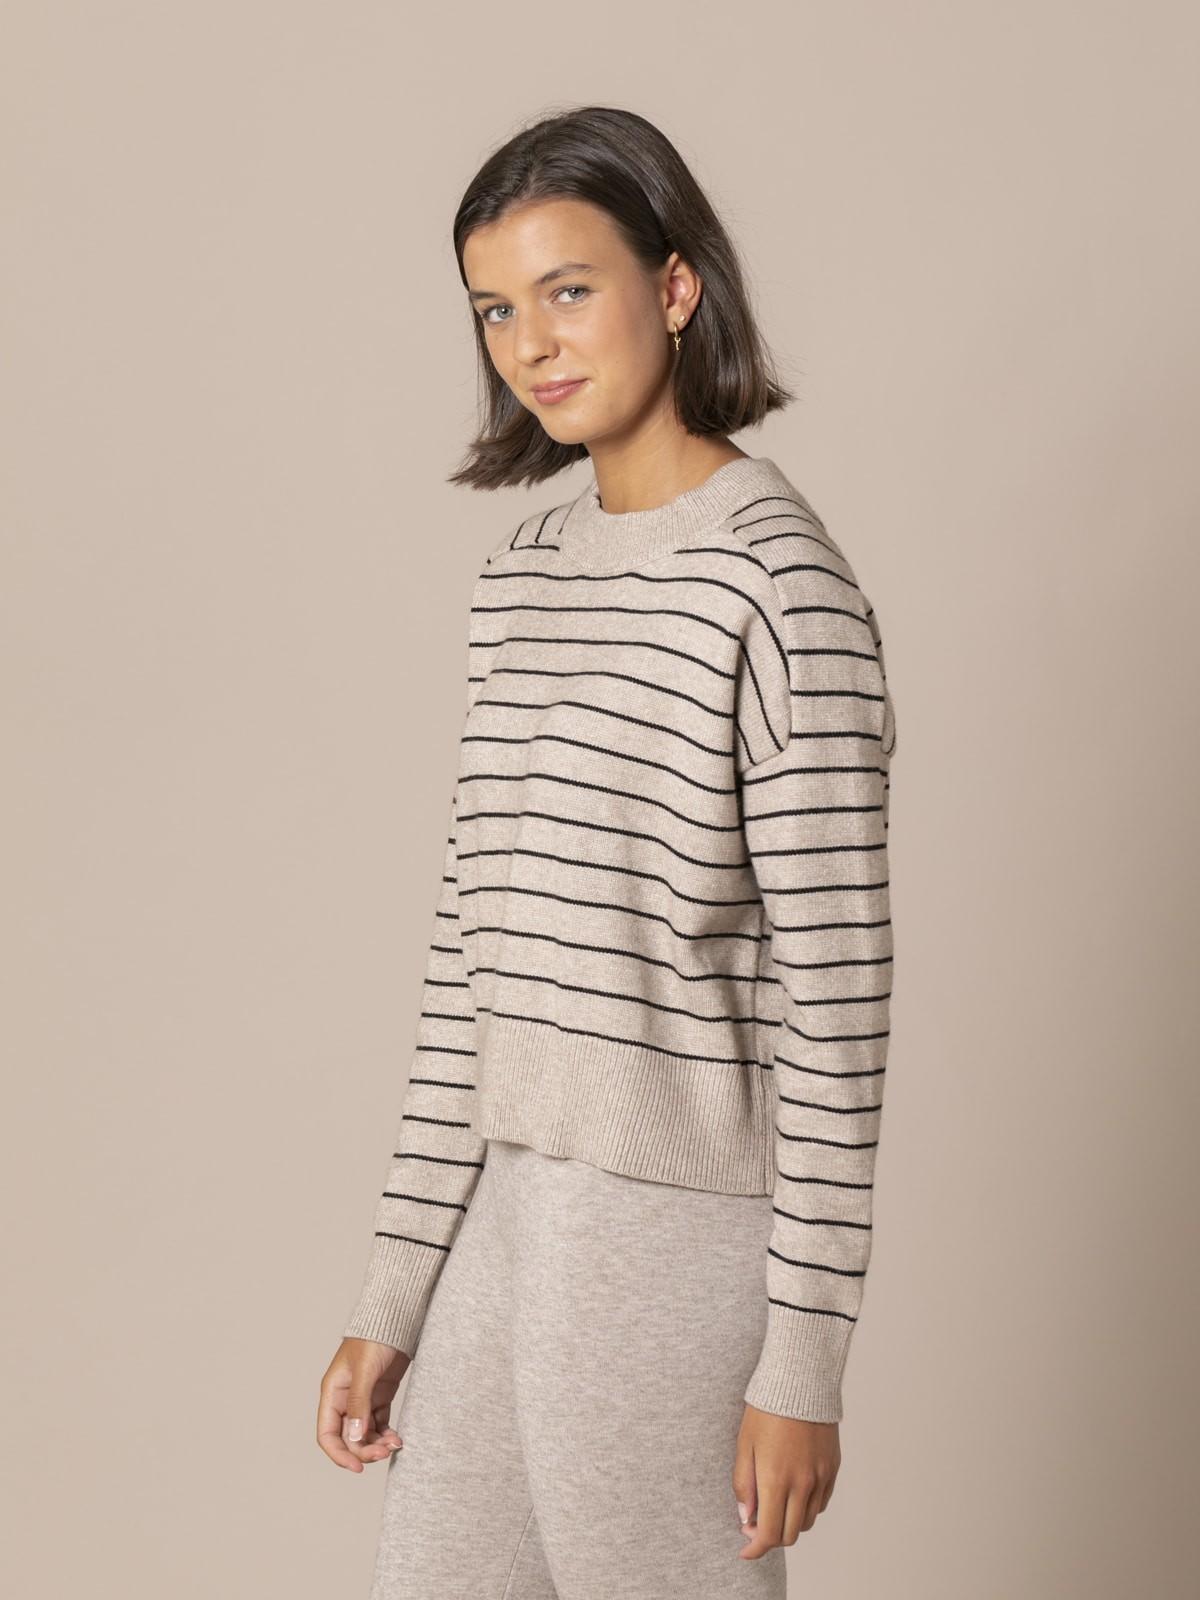 Woman Striped knit sweater Beige